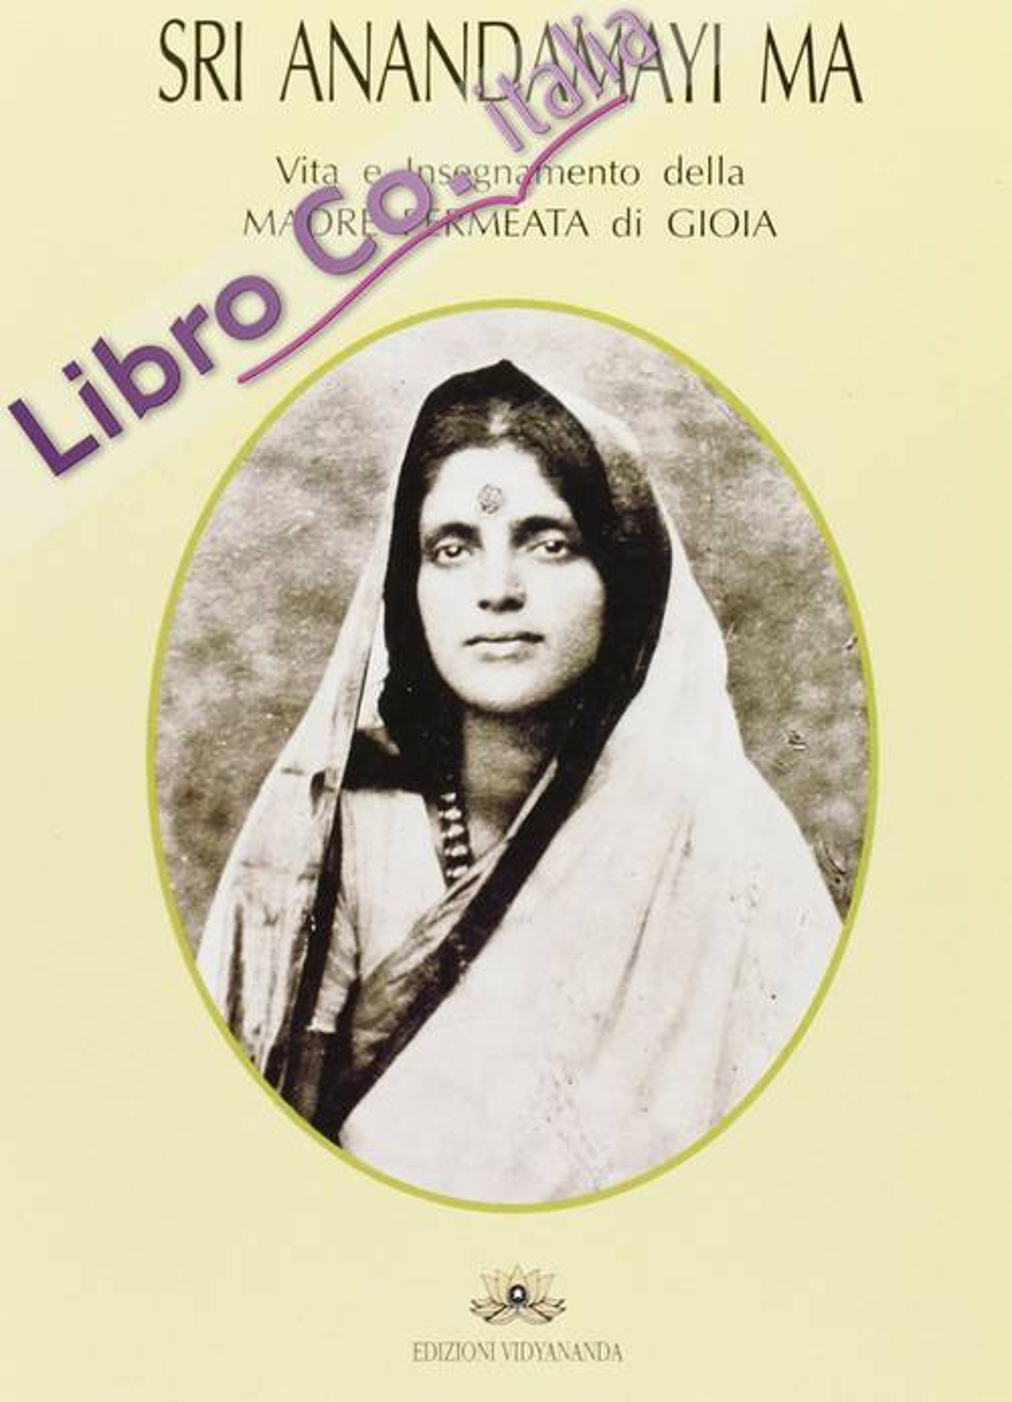 Sri Anandamayi Ma. Vita e insegnamento della madre permeata di gioia.